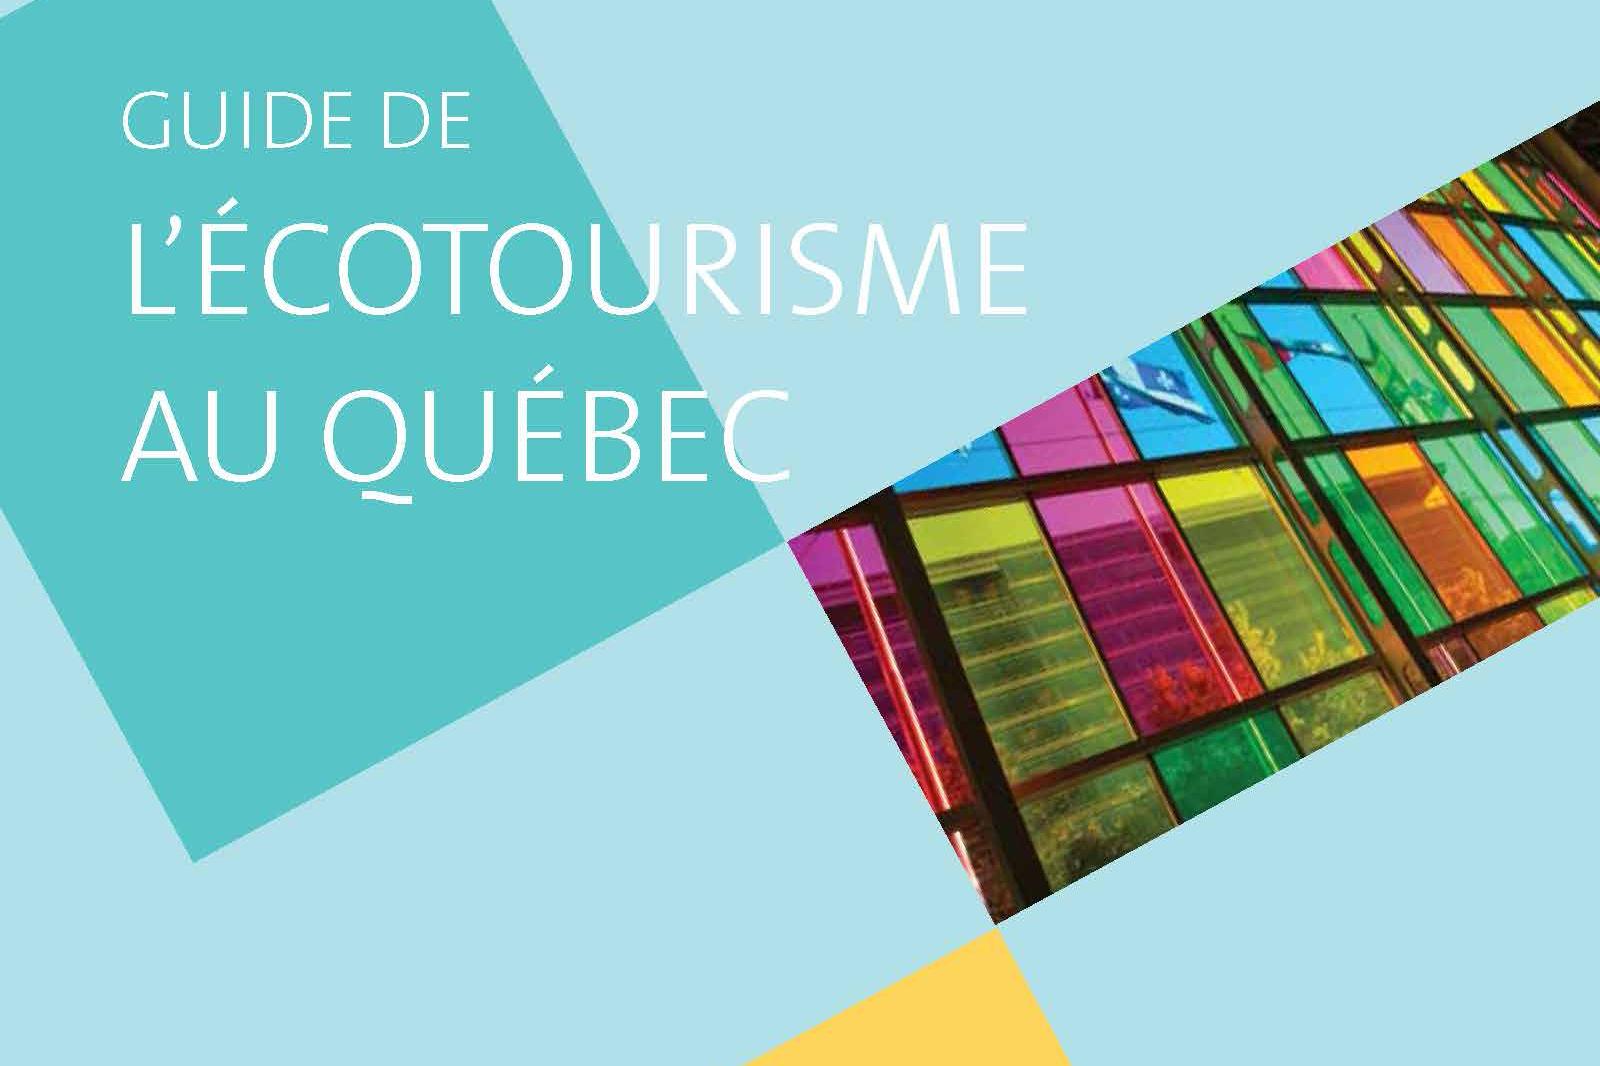 Le Guide de l'écotourisme au Québec